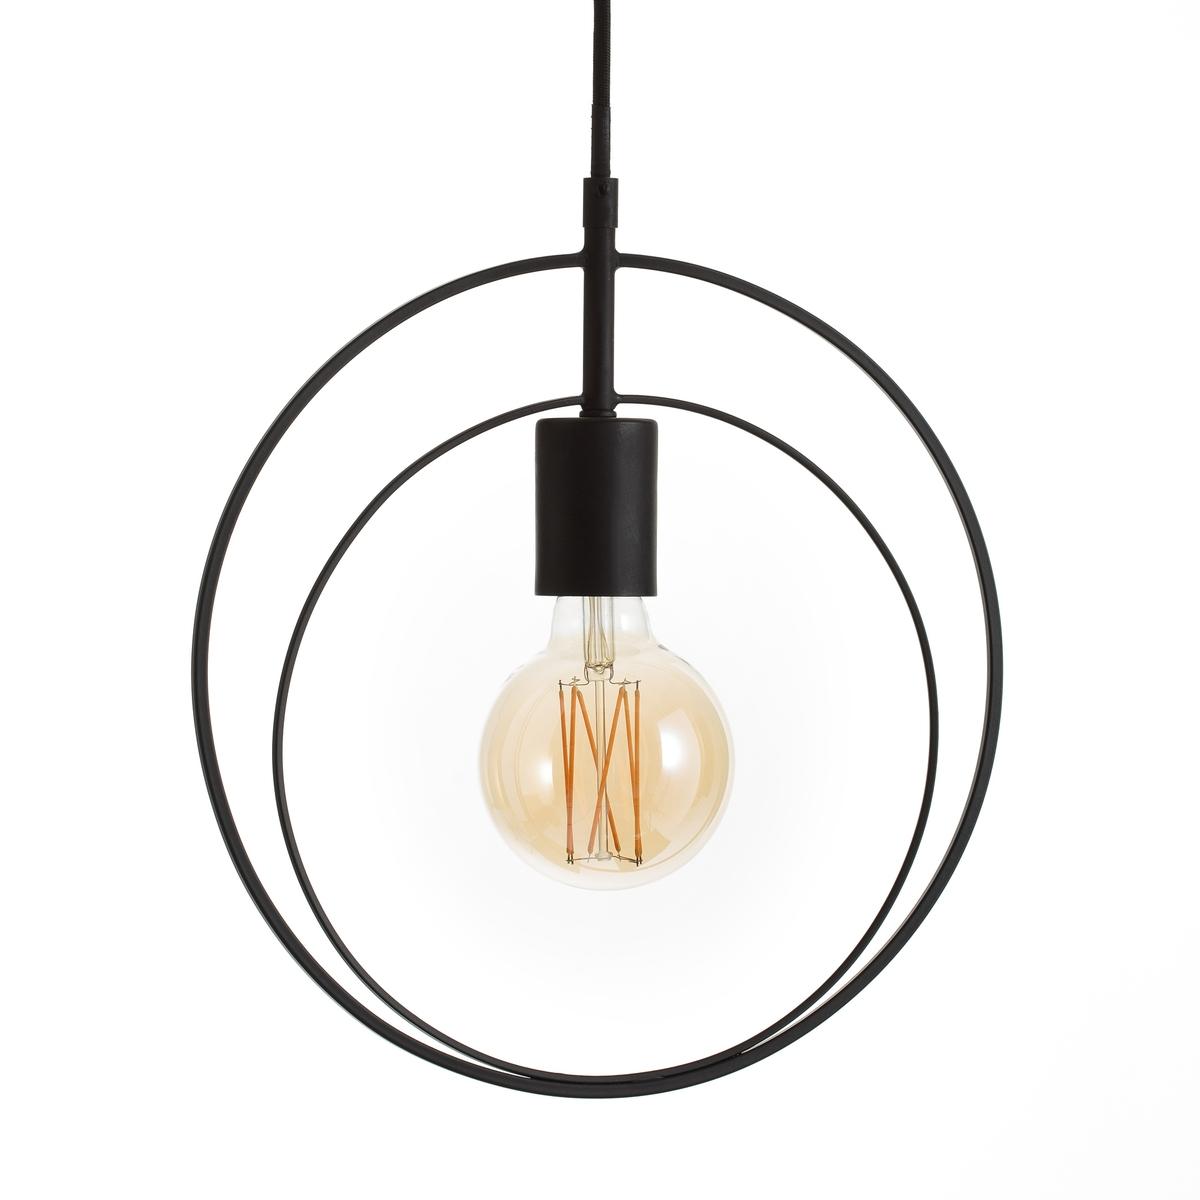 Светильник TourbilleСветильник Tourbille. строгий и элегантный светильник с 2 металлических ободами .Прекрасно смотрится с лампочкой с декоративной нитью, продающейся на сайте . Характеристики : - Из металла  Патрон E27 для лампочки с экономией энергии макс. 15 Вт( не входит в комплект) - Совместима с лампами класса энергопотребления AРазмеры : - L31 x H135 x P11 см<br><br>Цвет: черный<br>Размер: единый размер